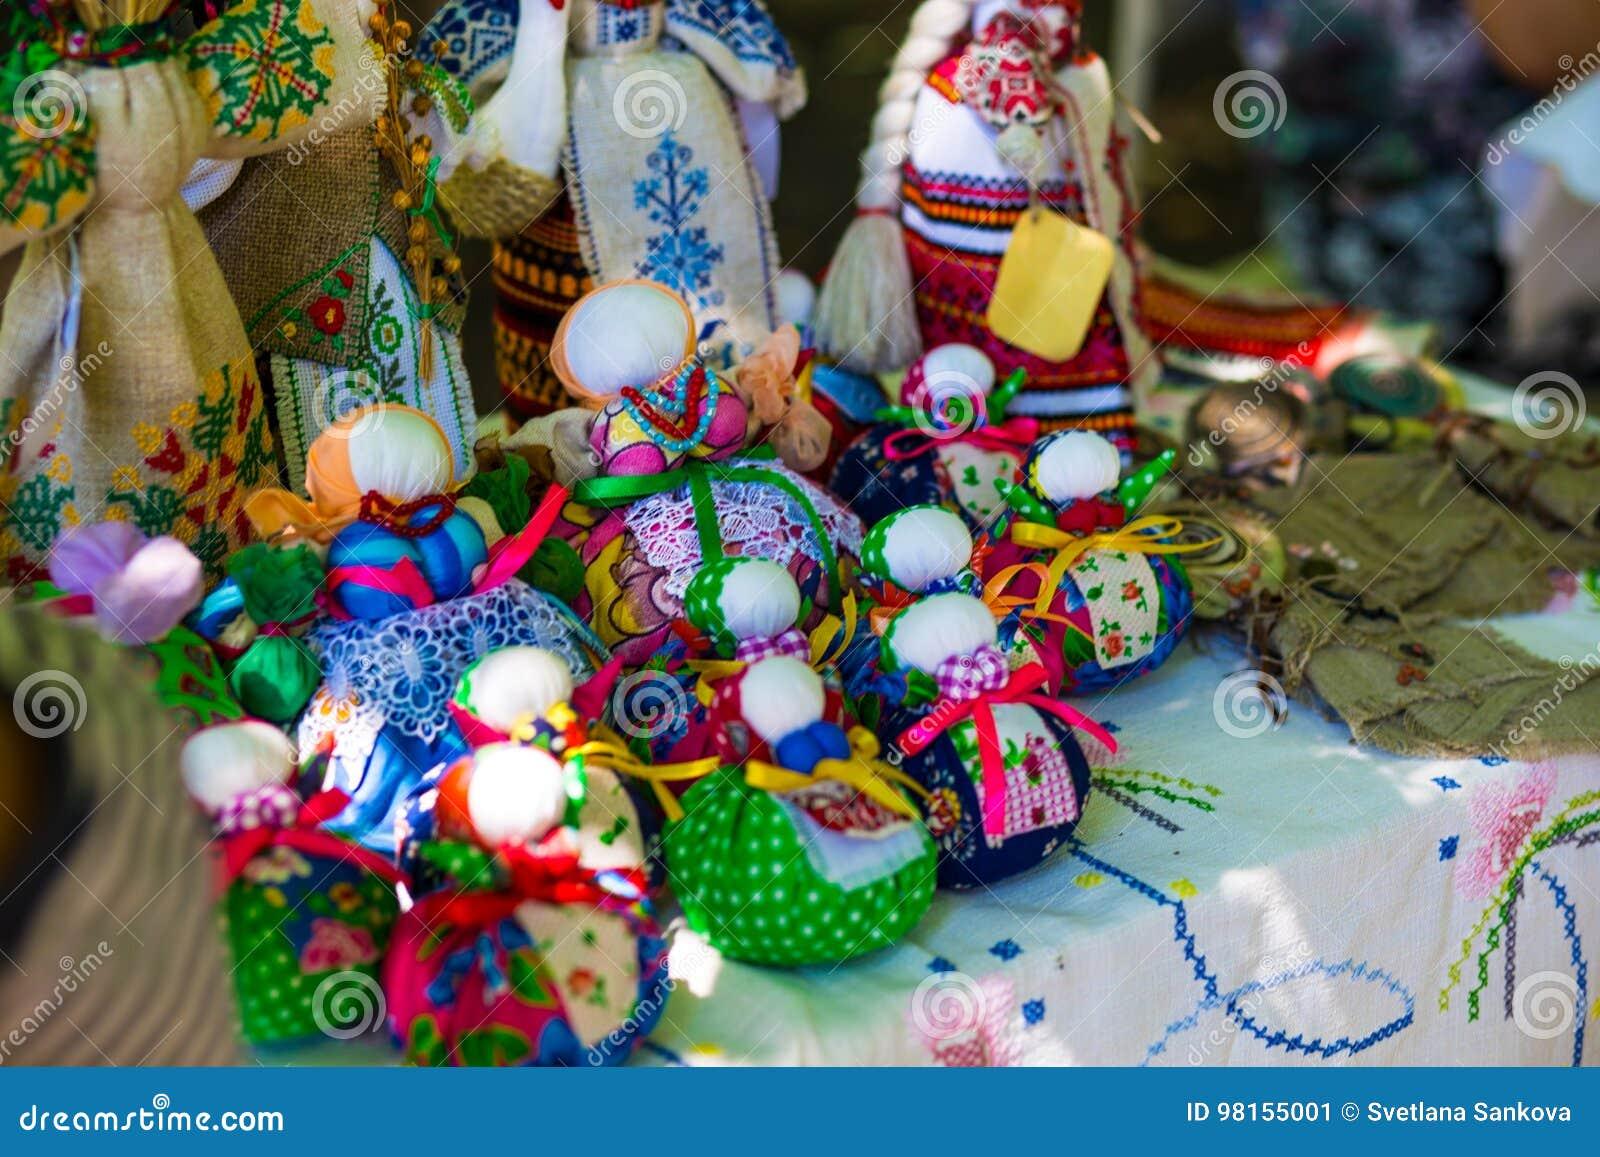 La poupée est faite en tissu Poupée cousue dans un costume traditionnel, fait main Motanka de poupée Tradition russe le fabriqué